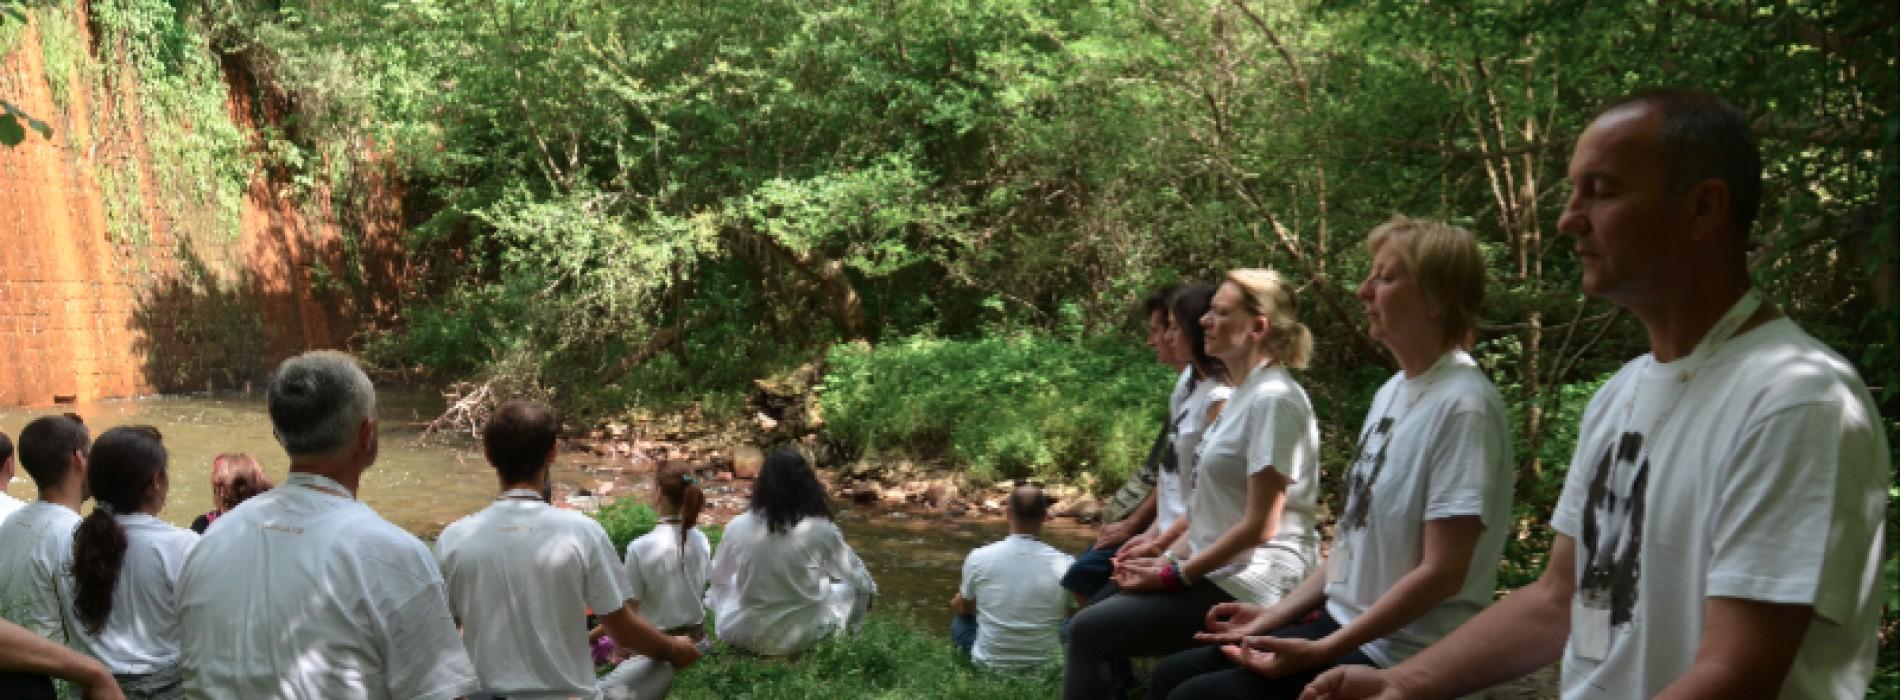 Meditație în Macedonia – locul perfect pentru relaxare